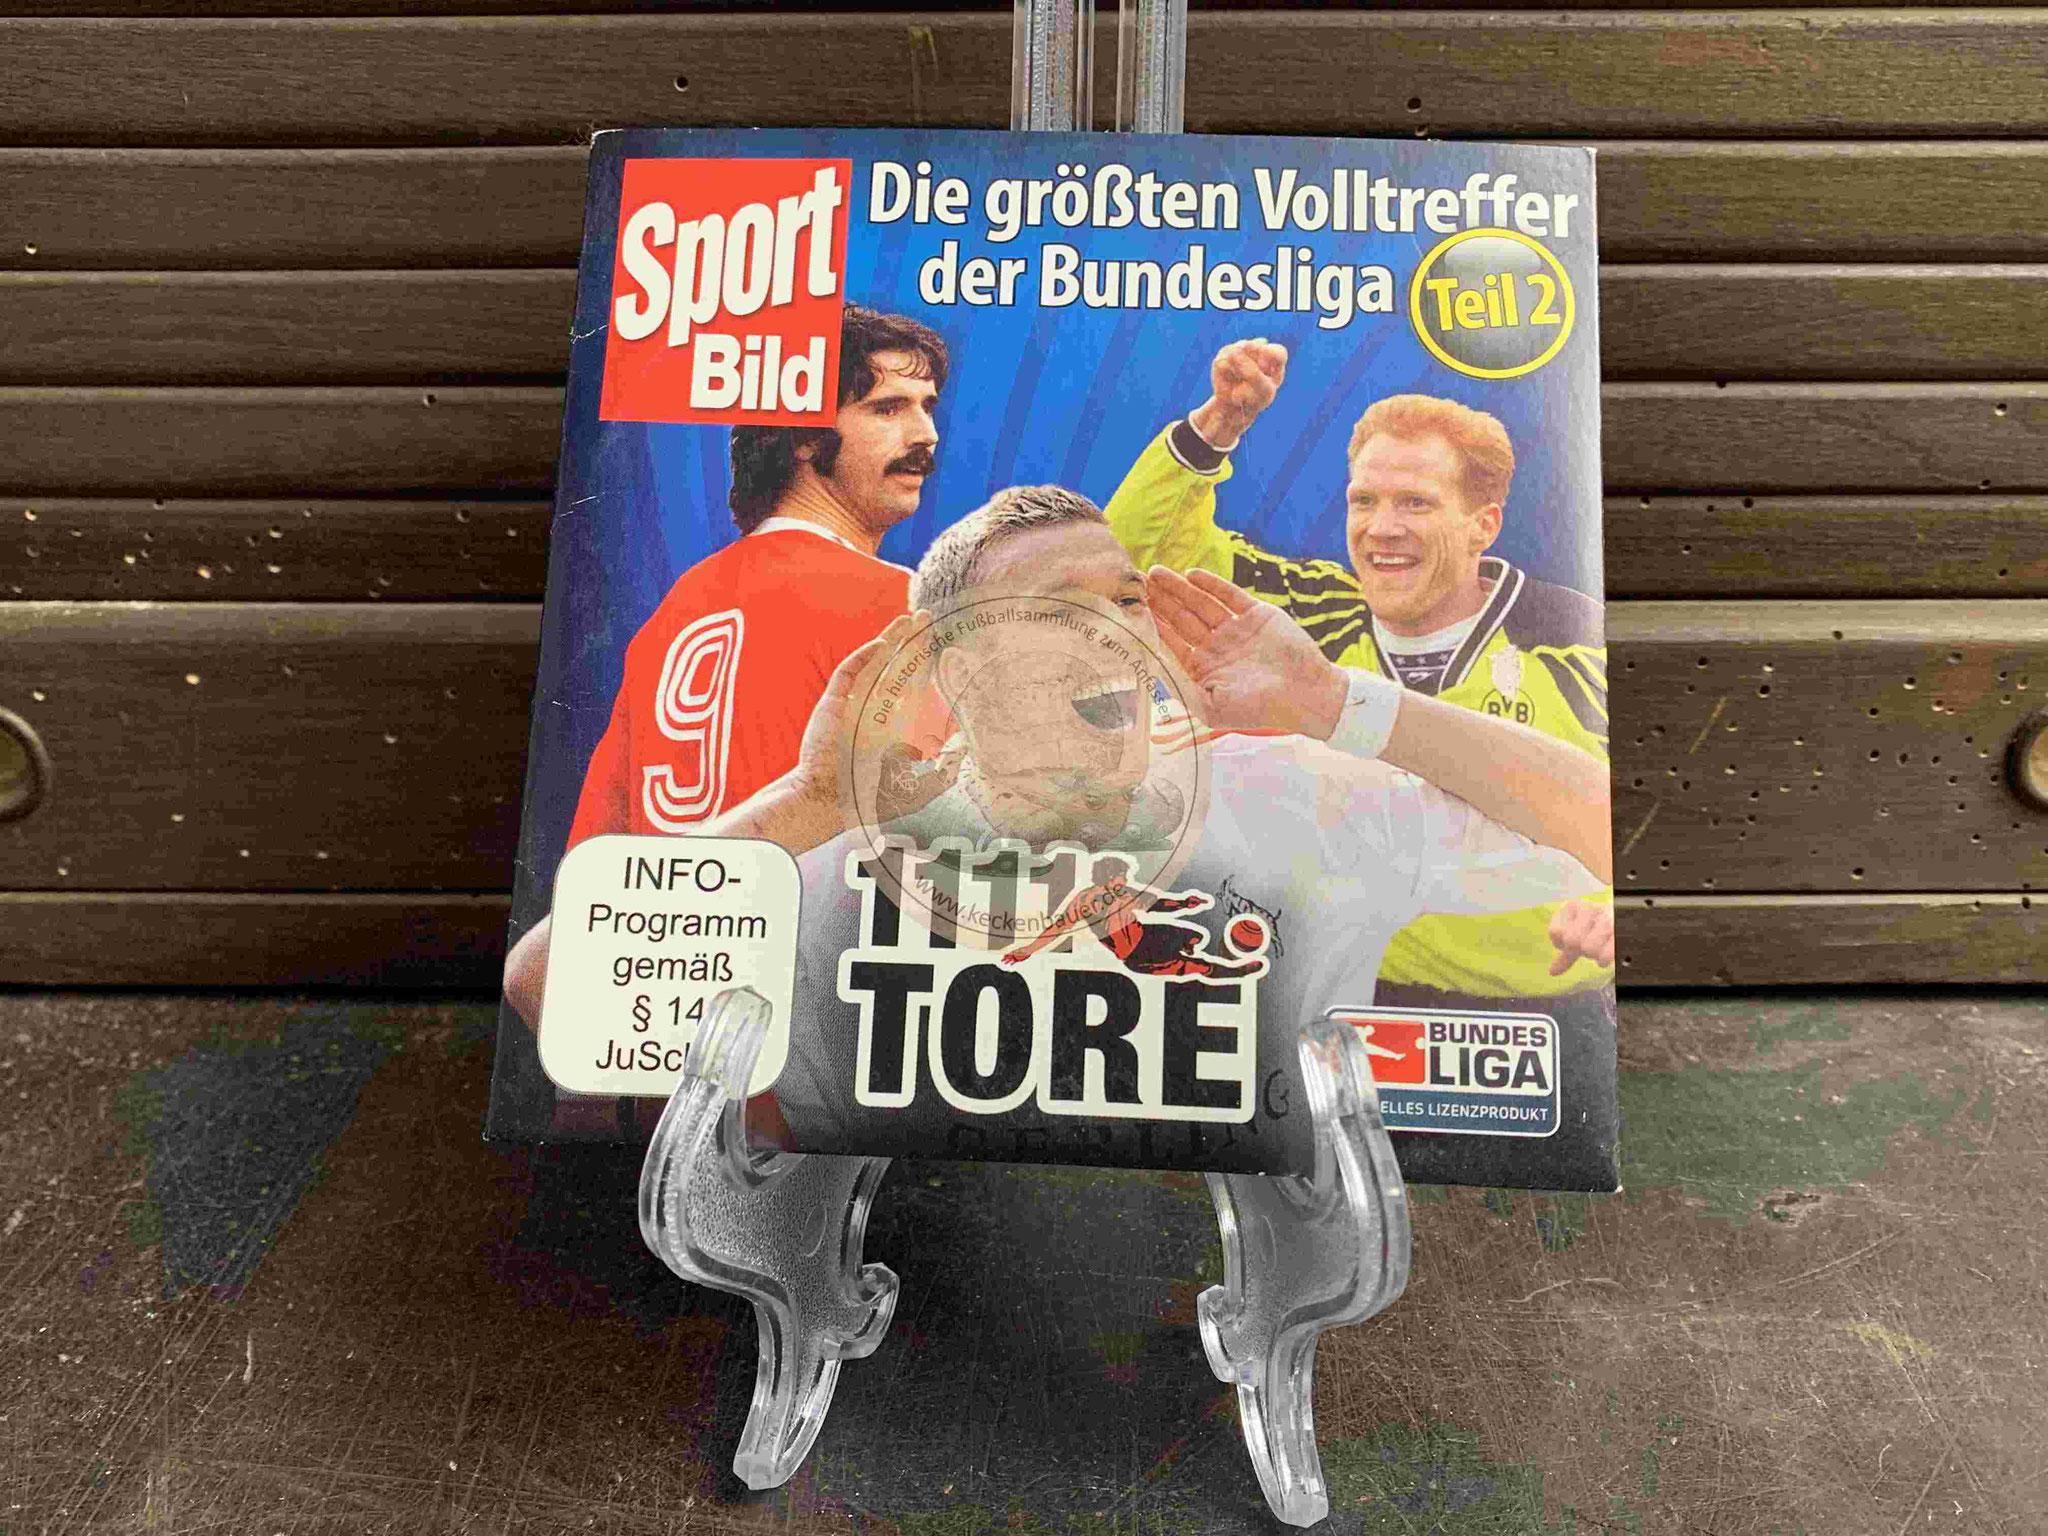 2000 Sportbild Die größten Volltreffer der  Bundesliga Teil 2